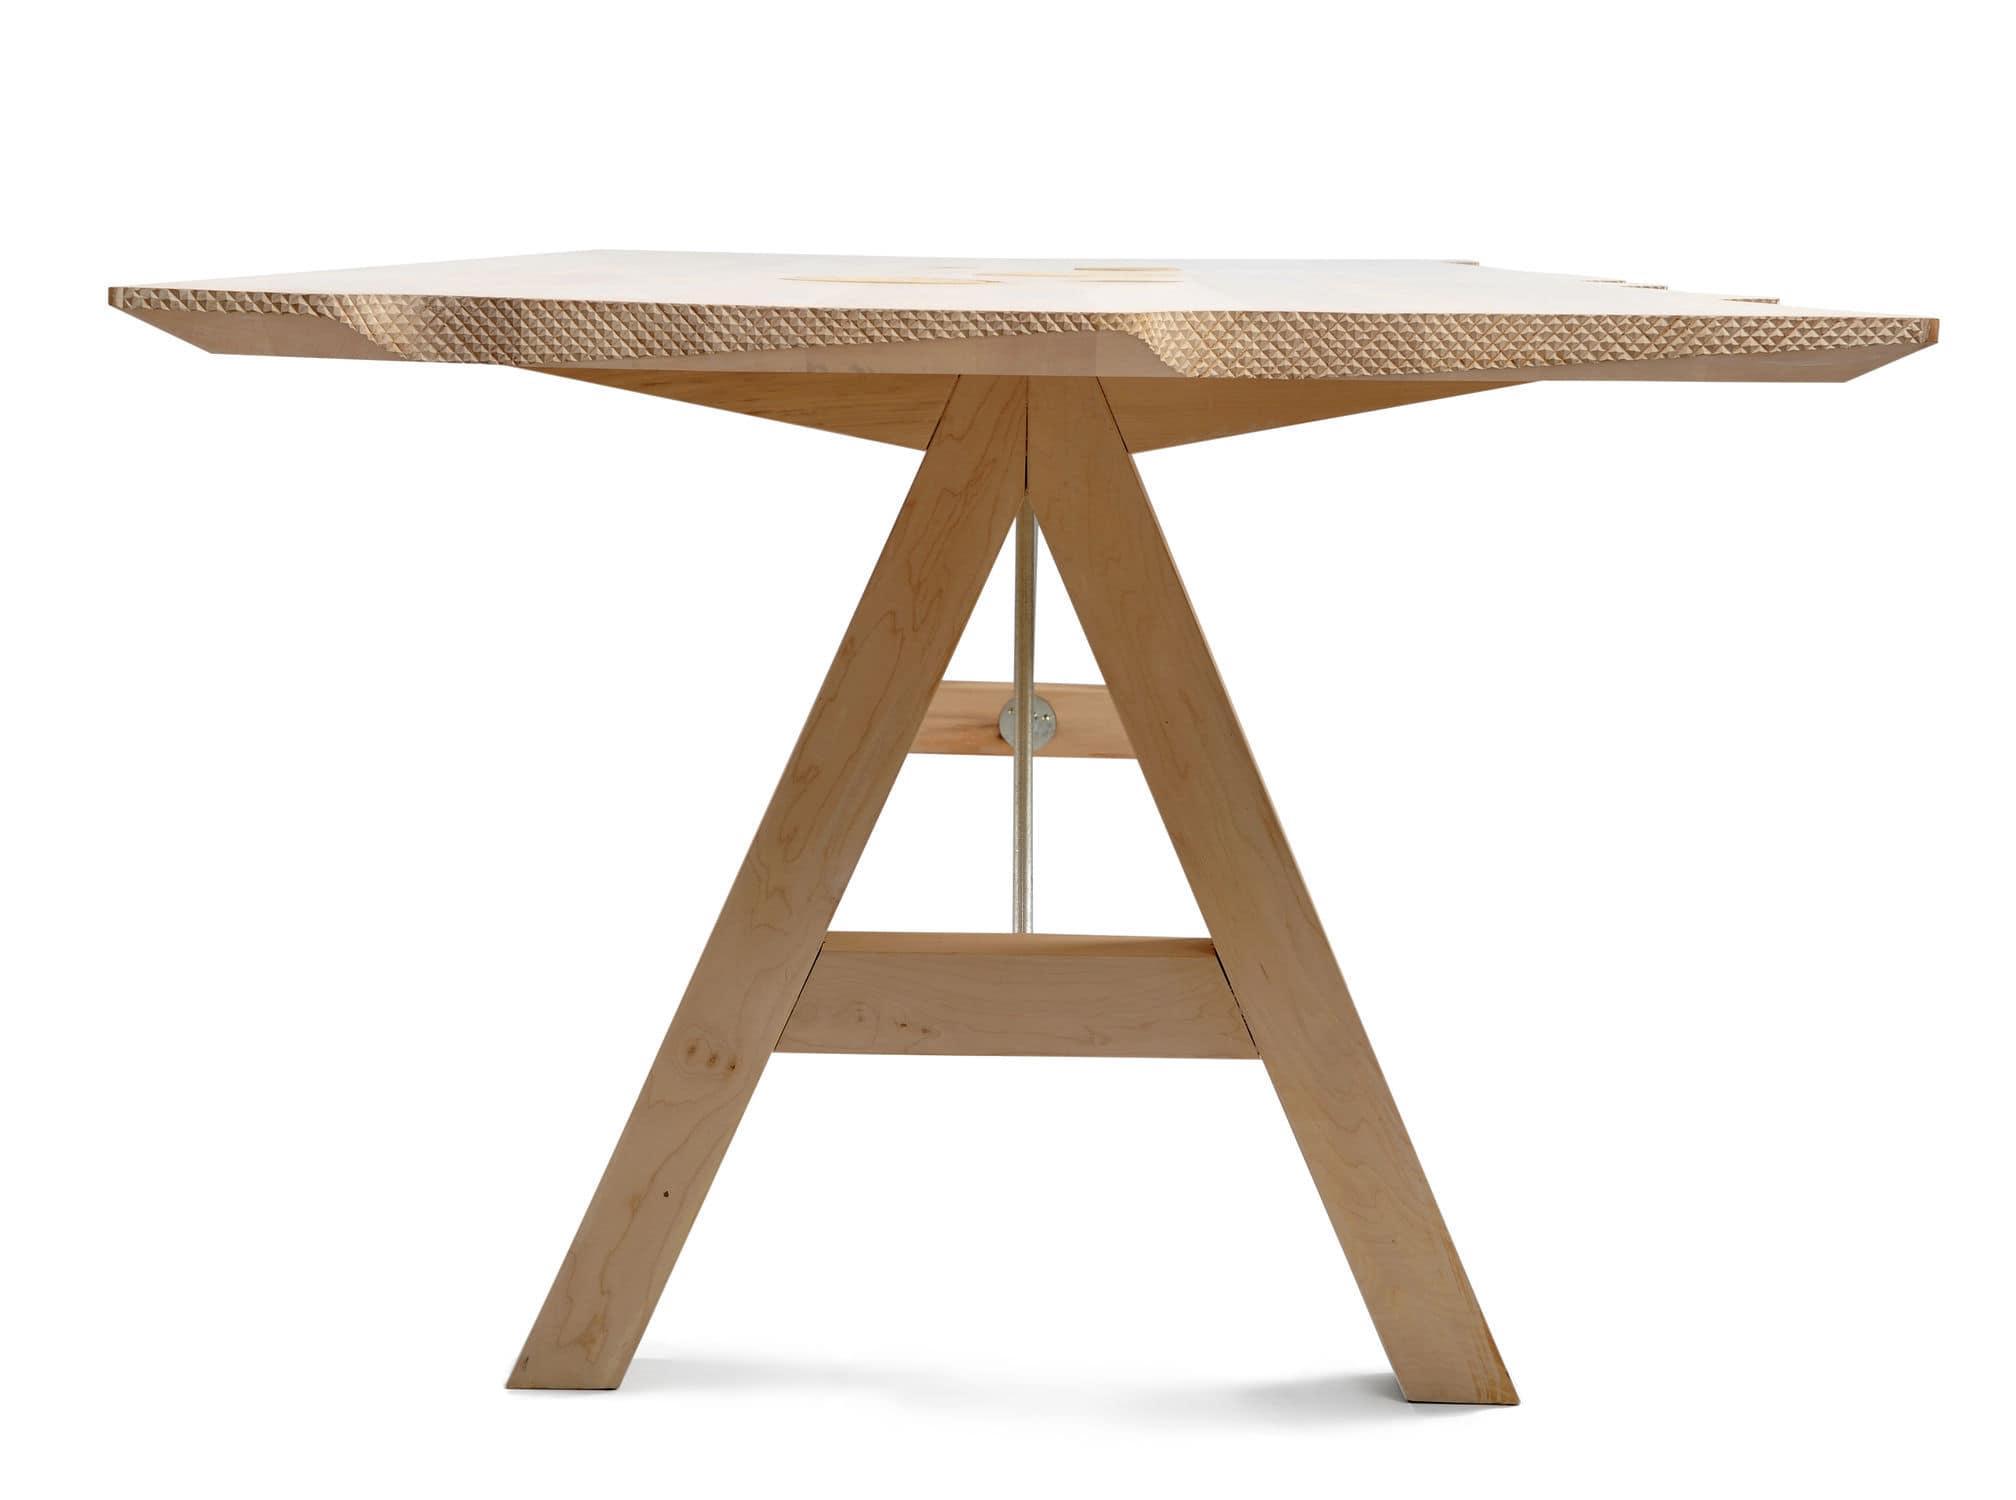 Scandinavian design table wooden metal rectangular WAVE by